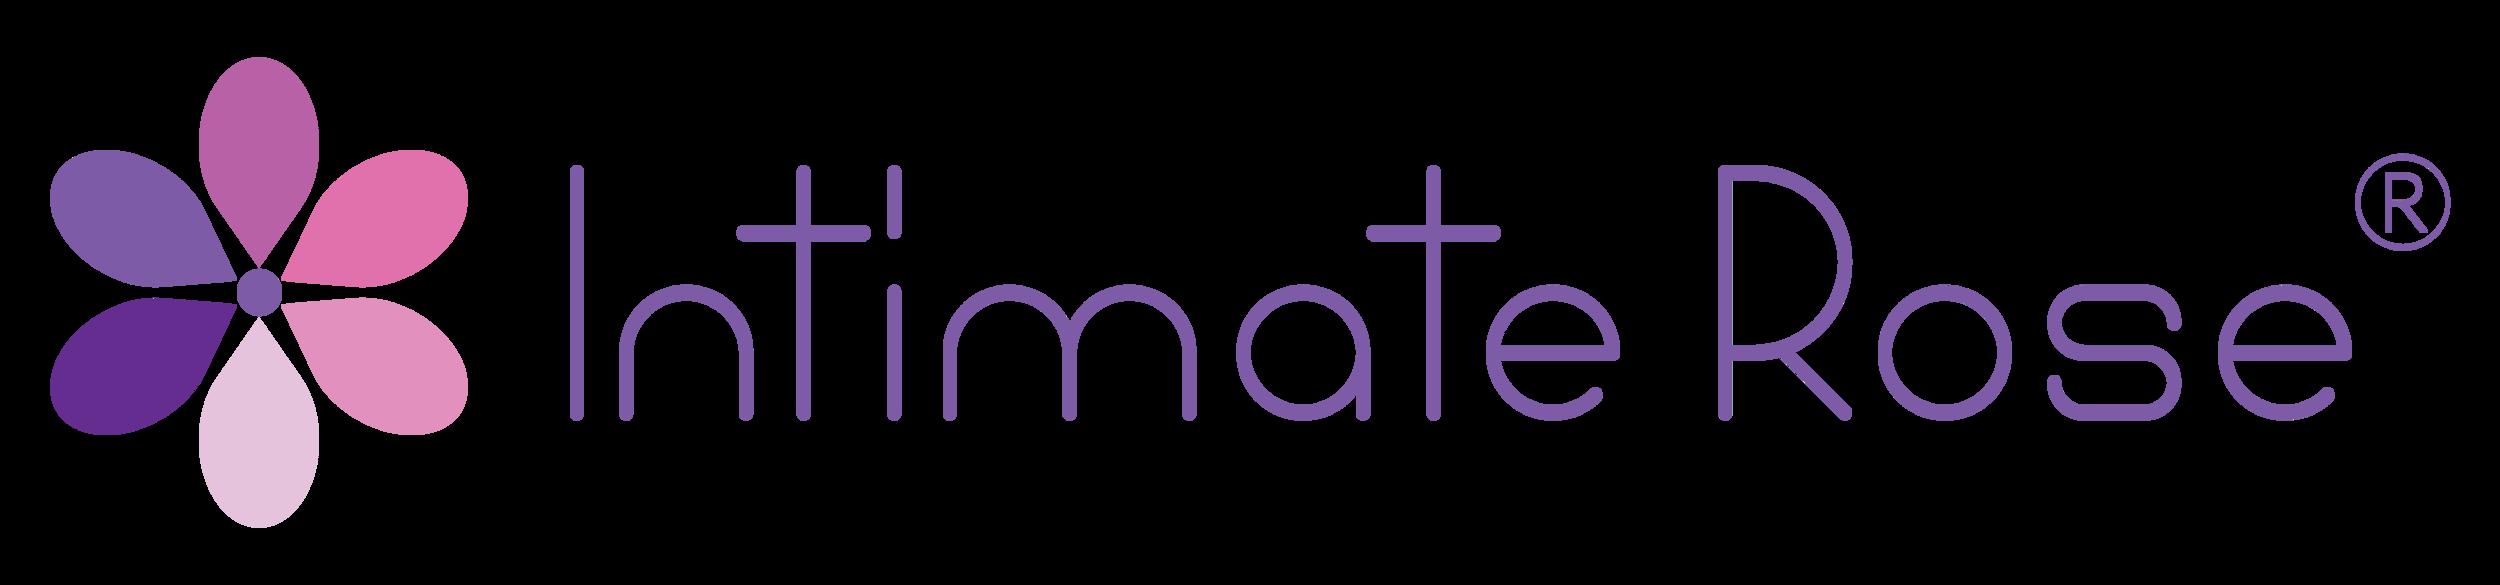 IR_logo-2018_Color.png